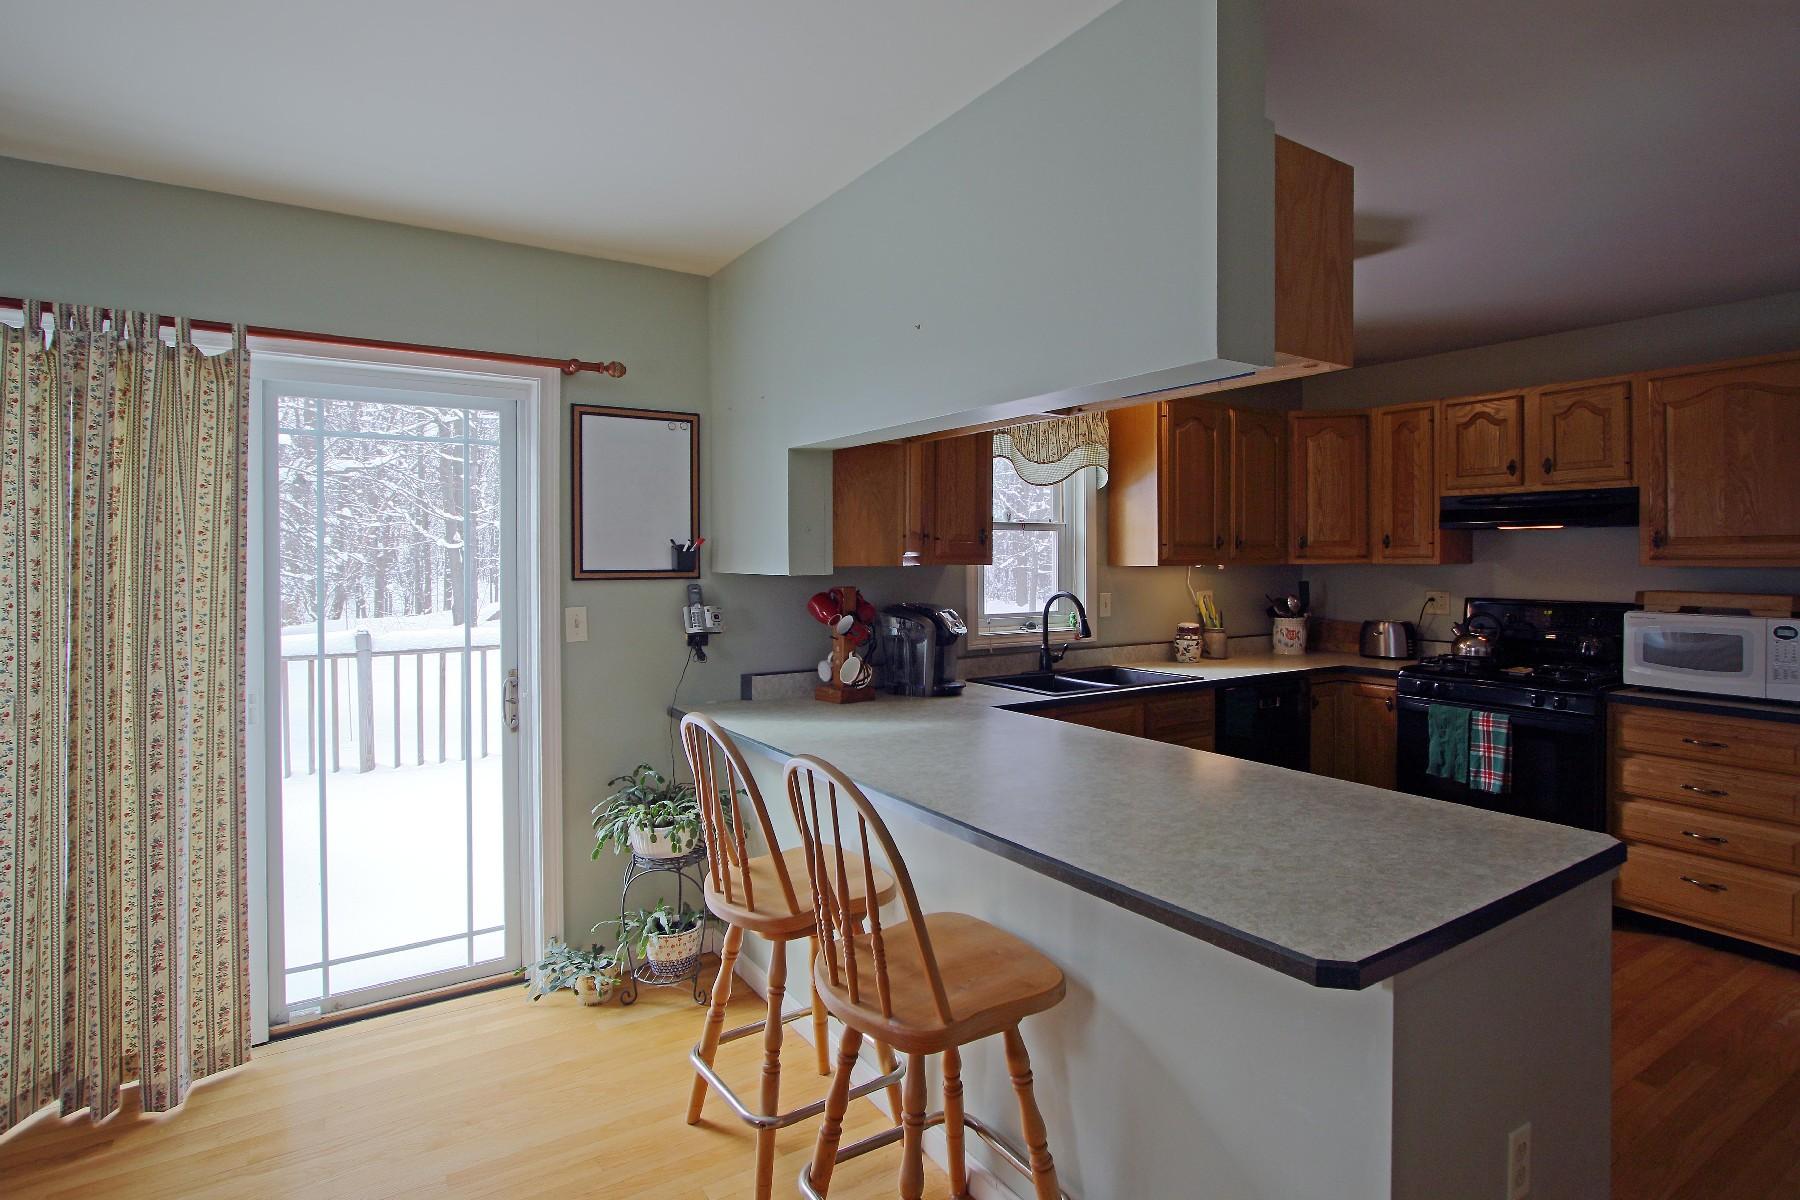 独户住宅 为 销售 在 121 Kirby, South Burlington 南伯灵顿, 佛蒙特州, 05403 美国